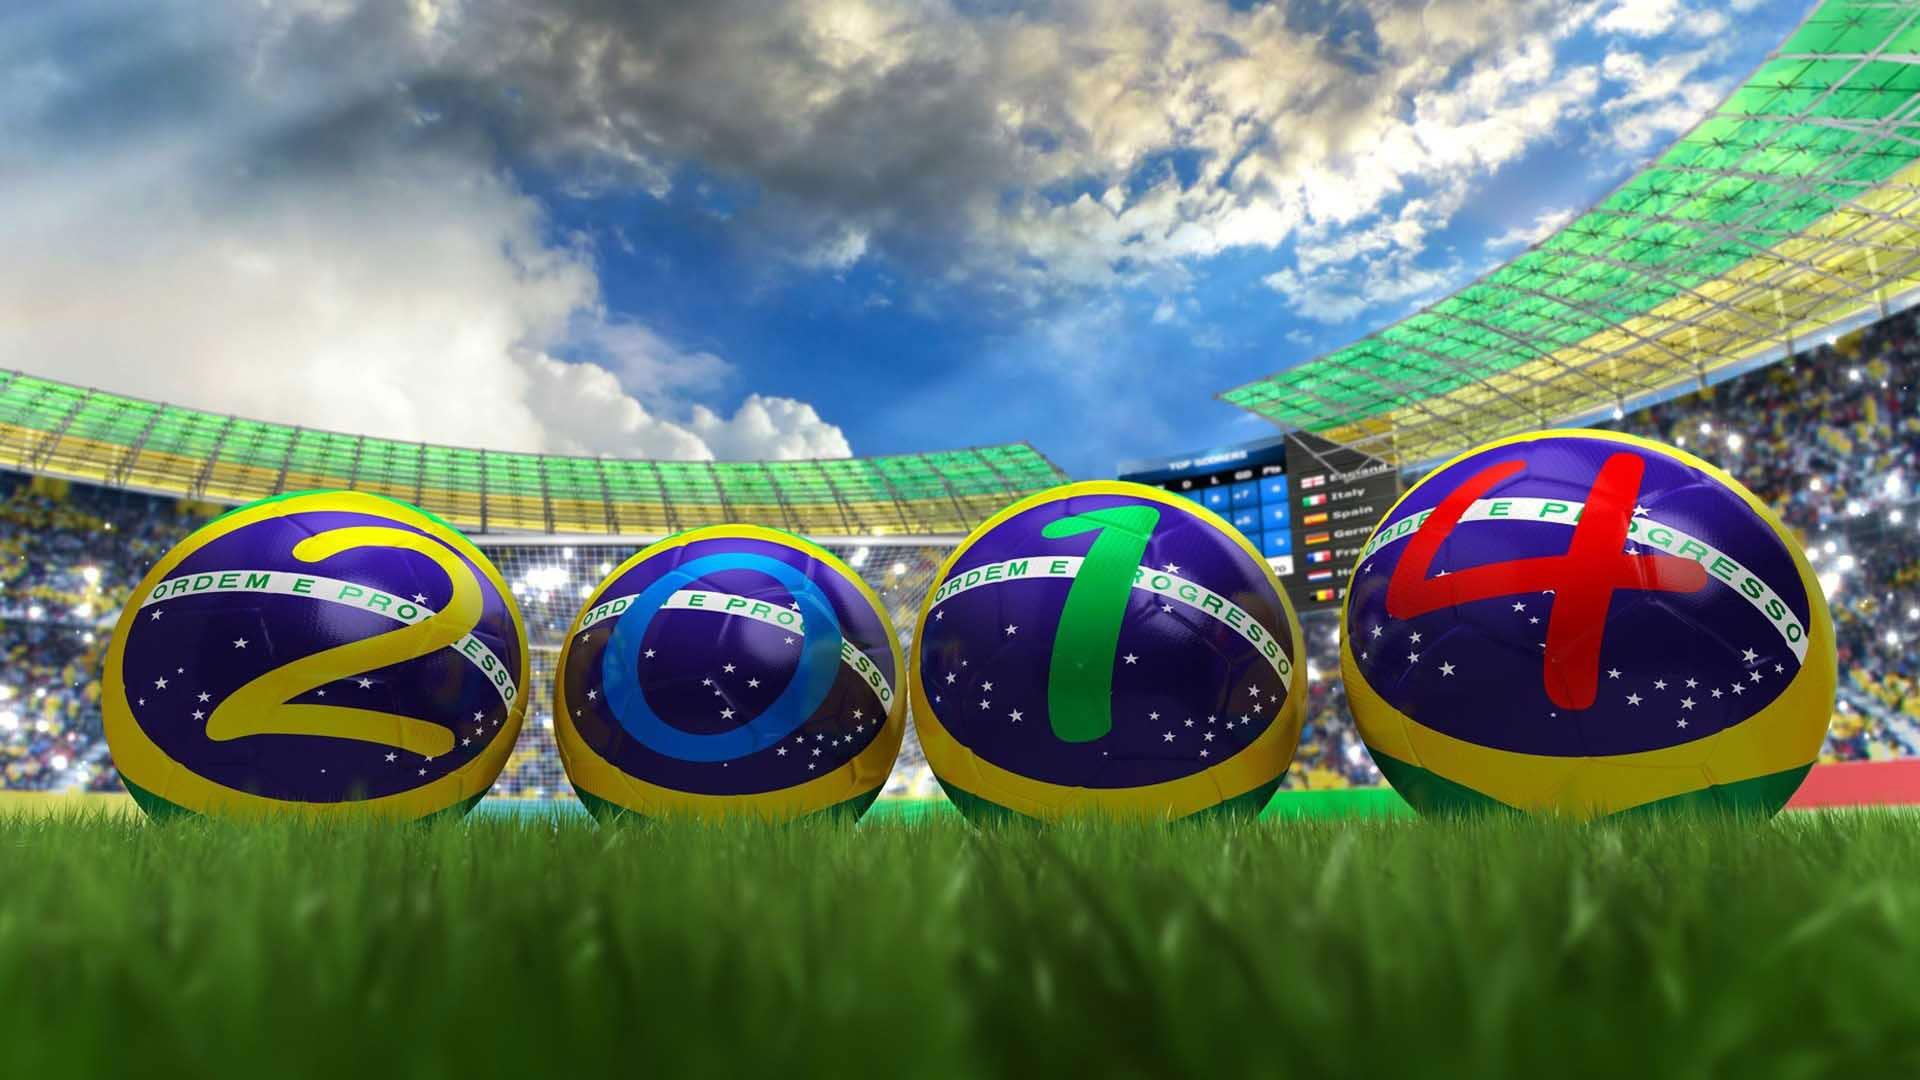 Brazil Football World Cup 2014 Wallpaper and Desktop 1920x1080